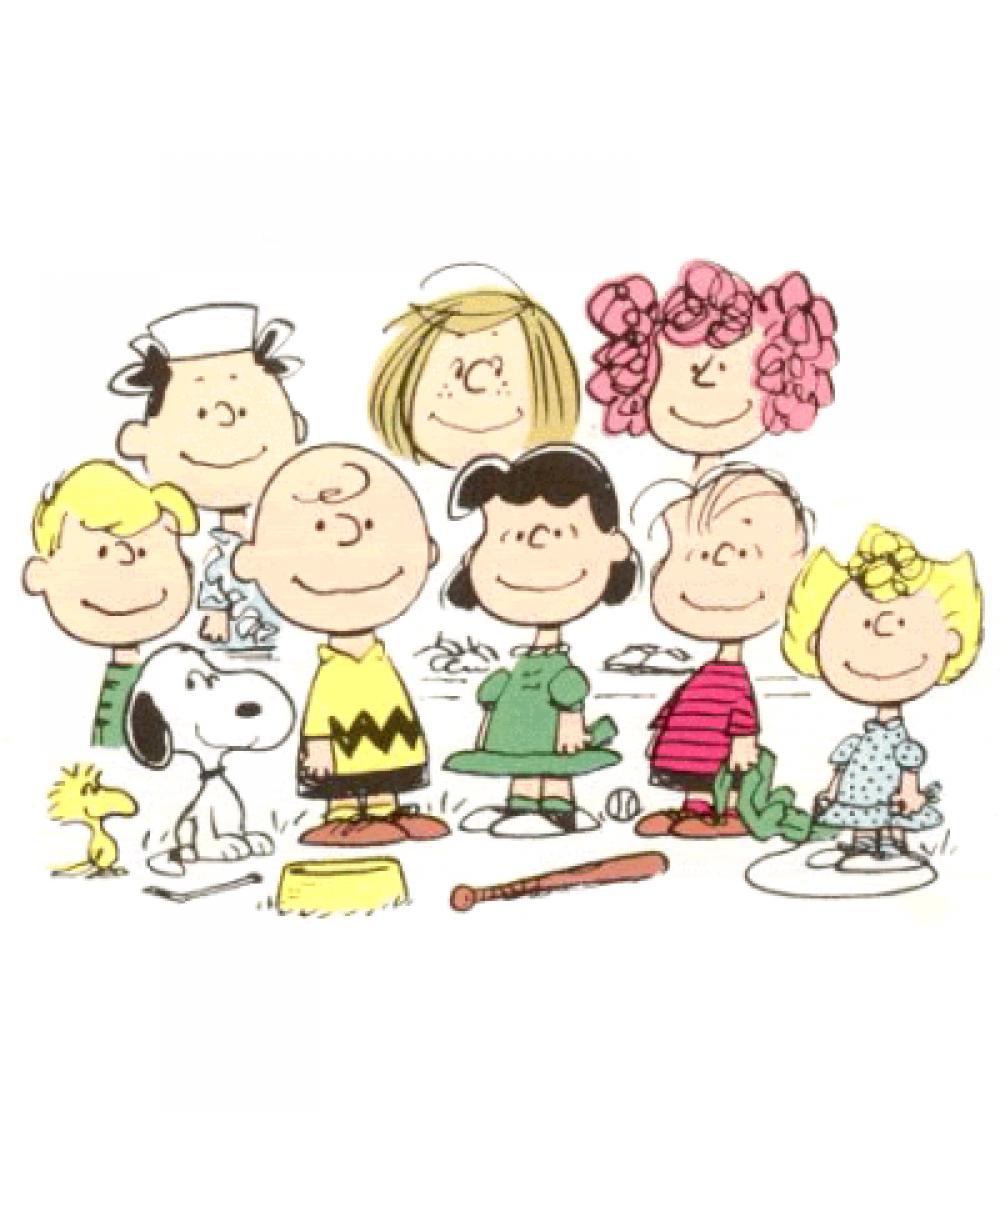 Charlie brown peanuts costume